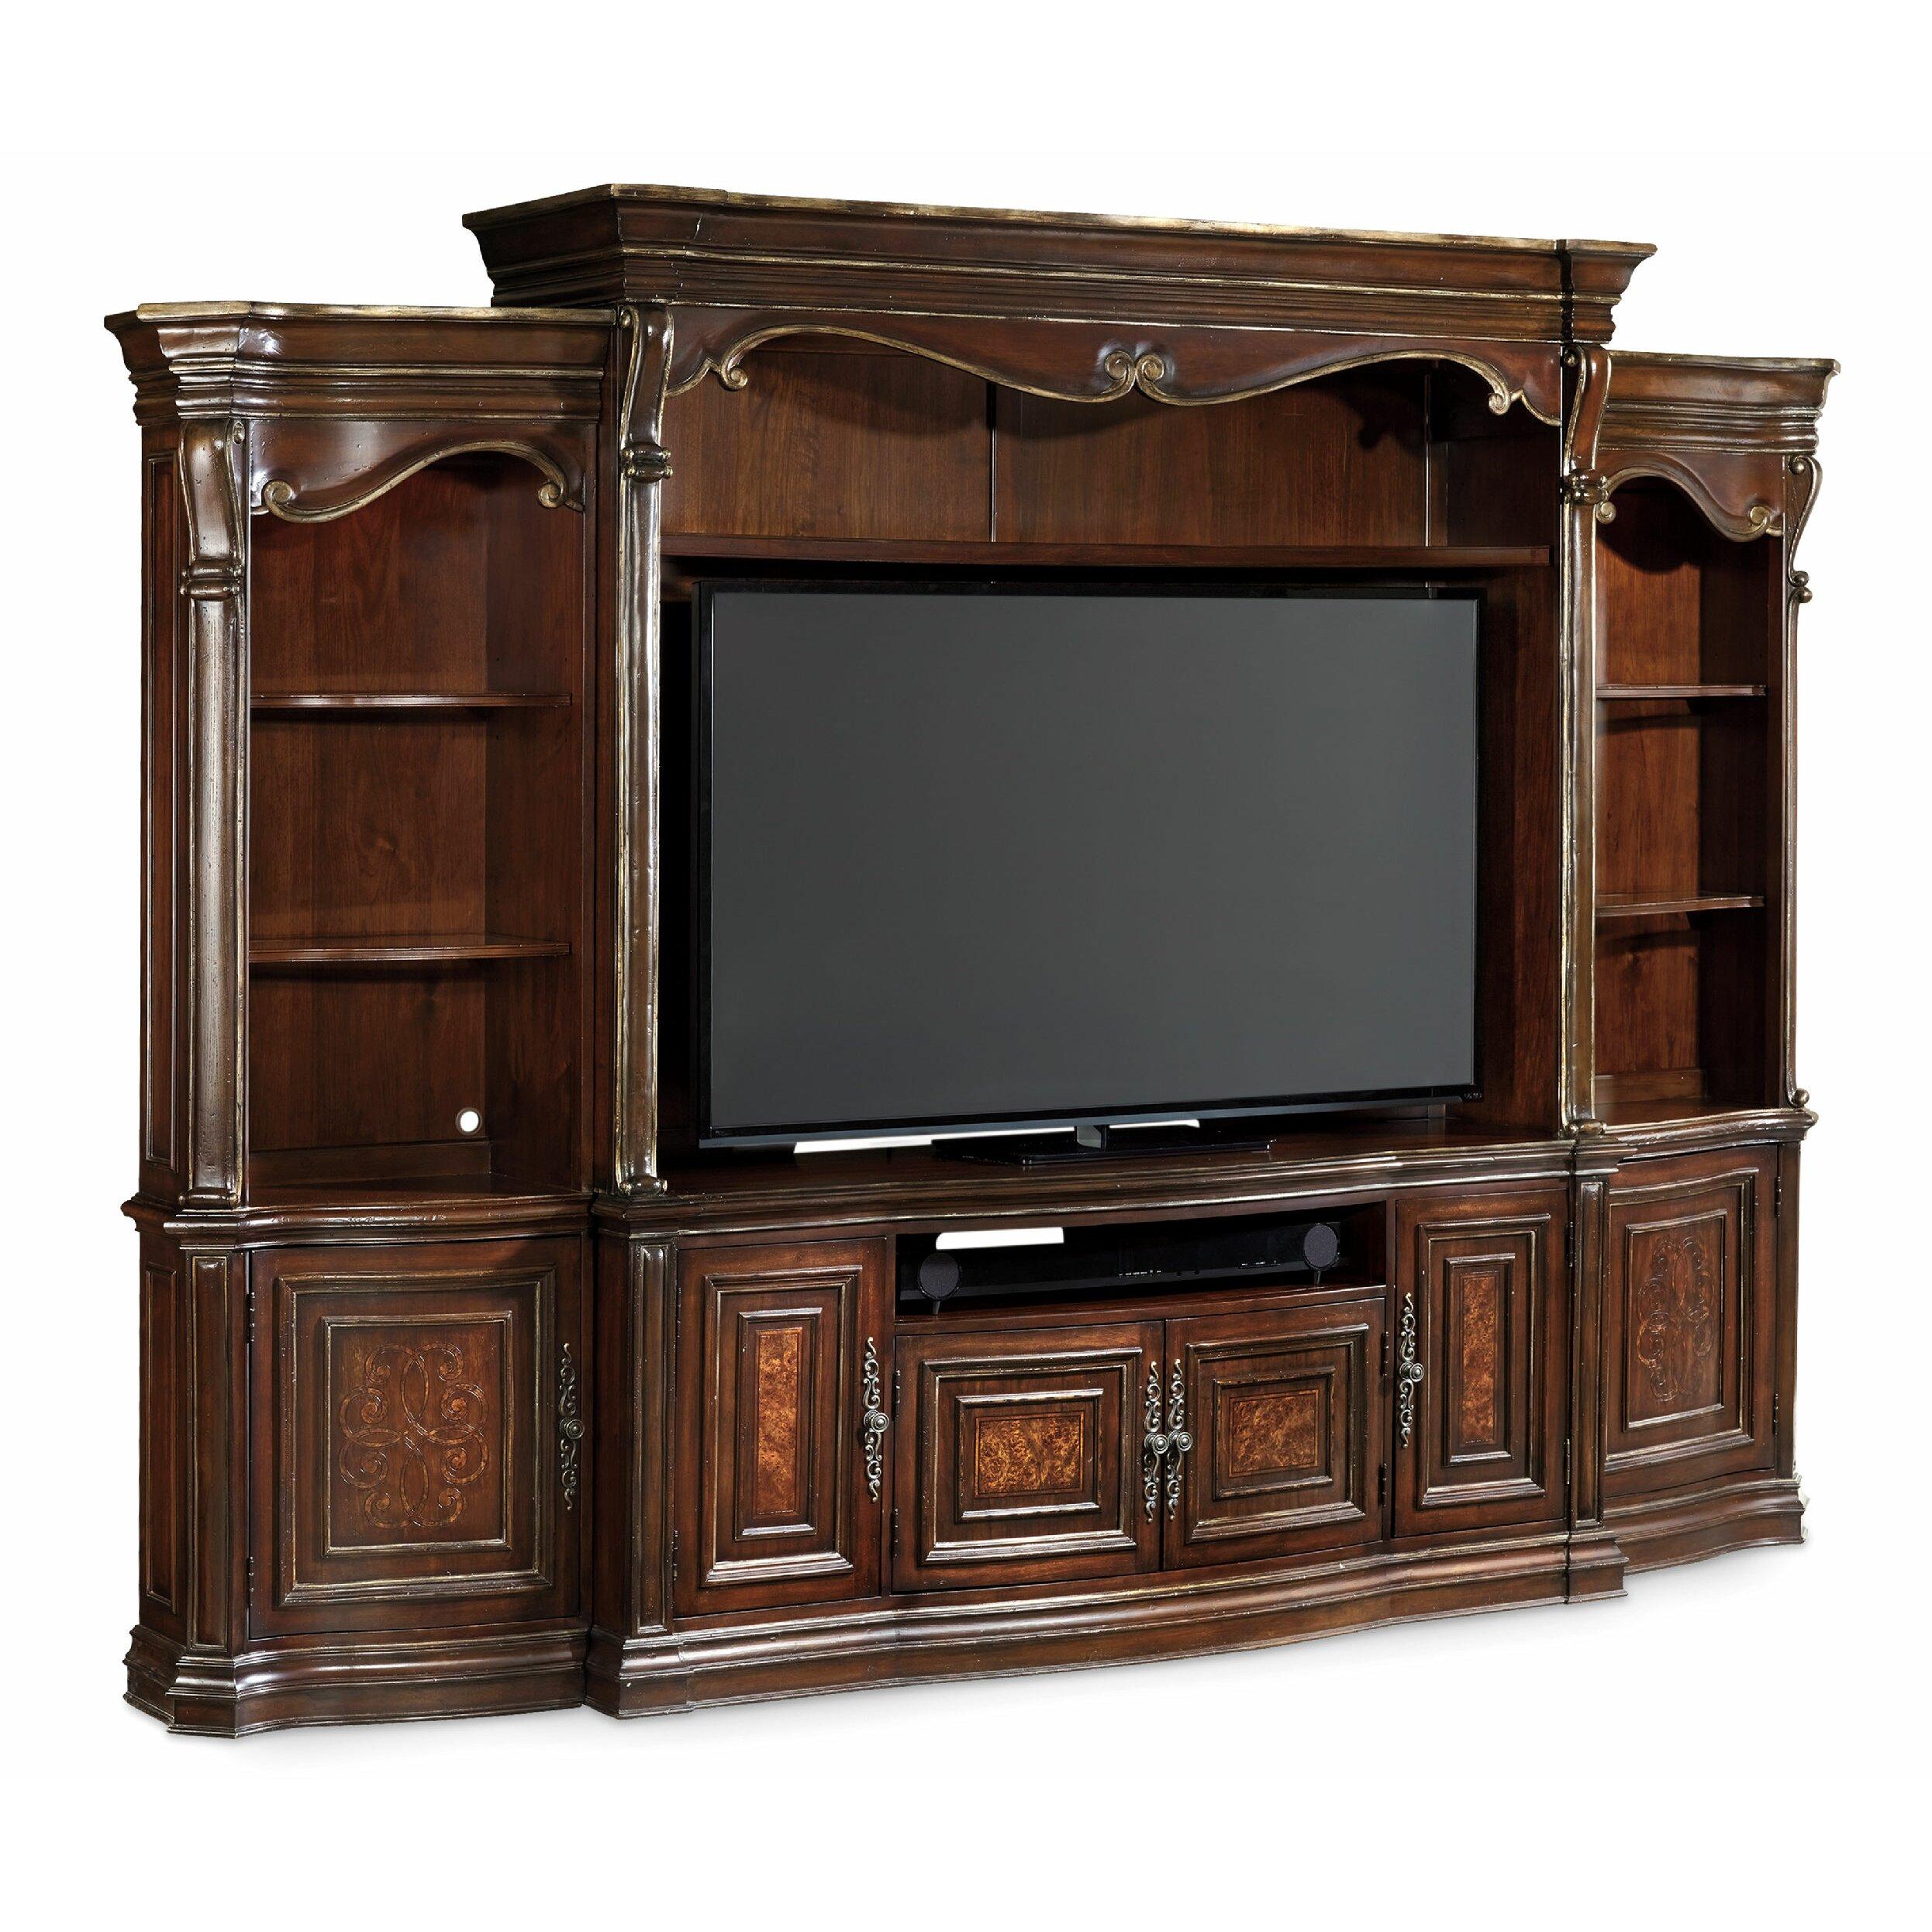 Good Home Center Bedroom Furniture 3 Hooker Furniture Grand Palais  Entertainment Center 5272 70222 jpg. Good Home Center Furniture   makitaserviciopanama com